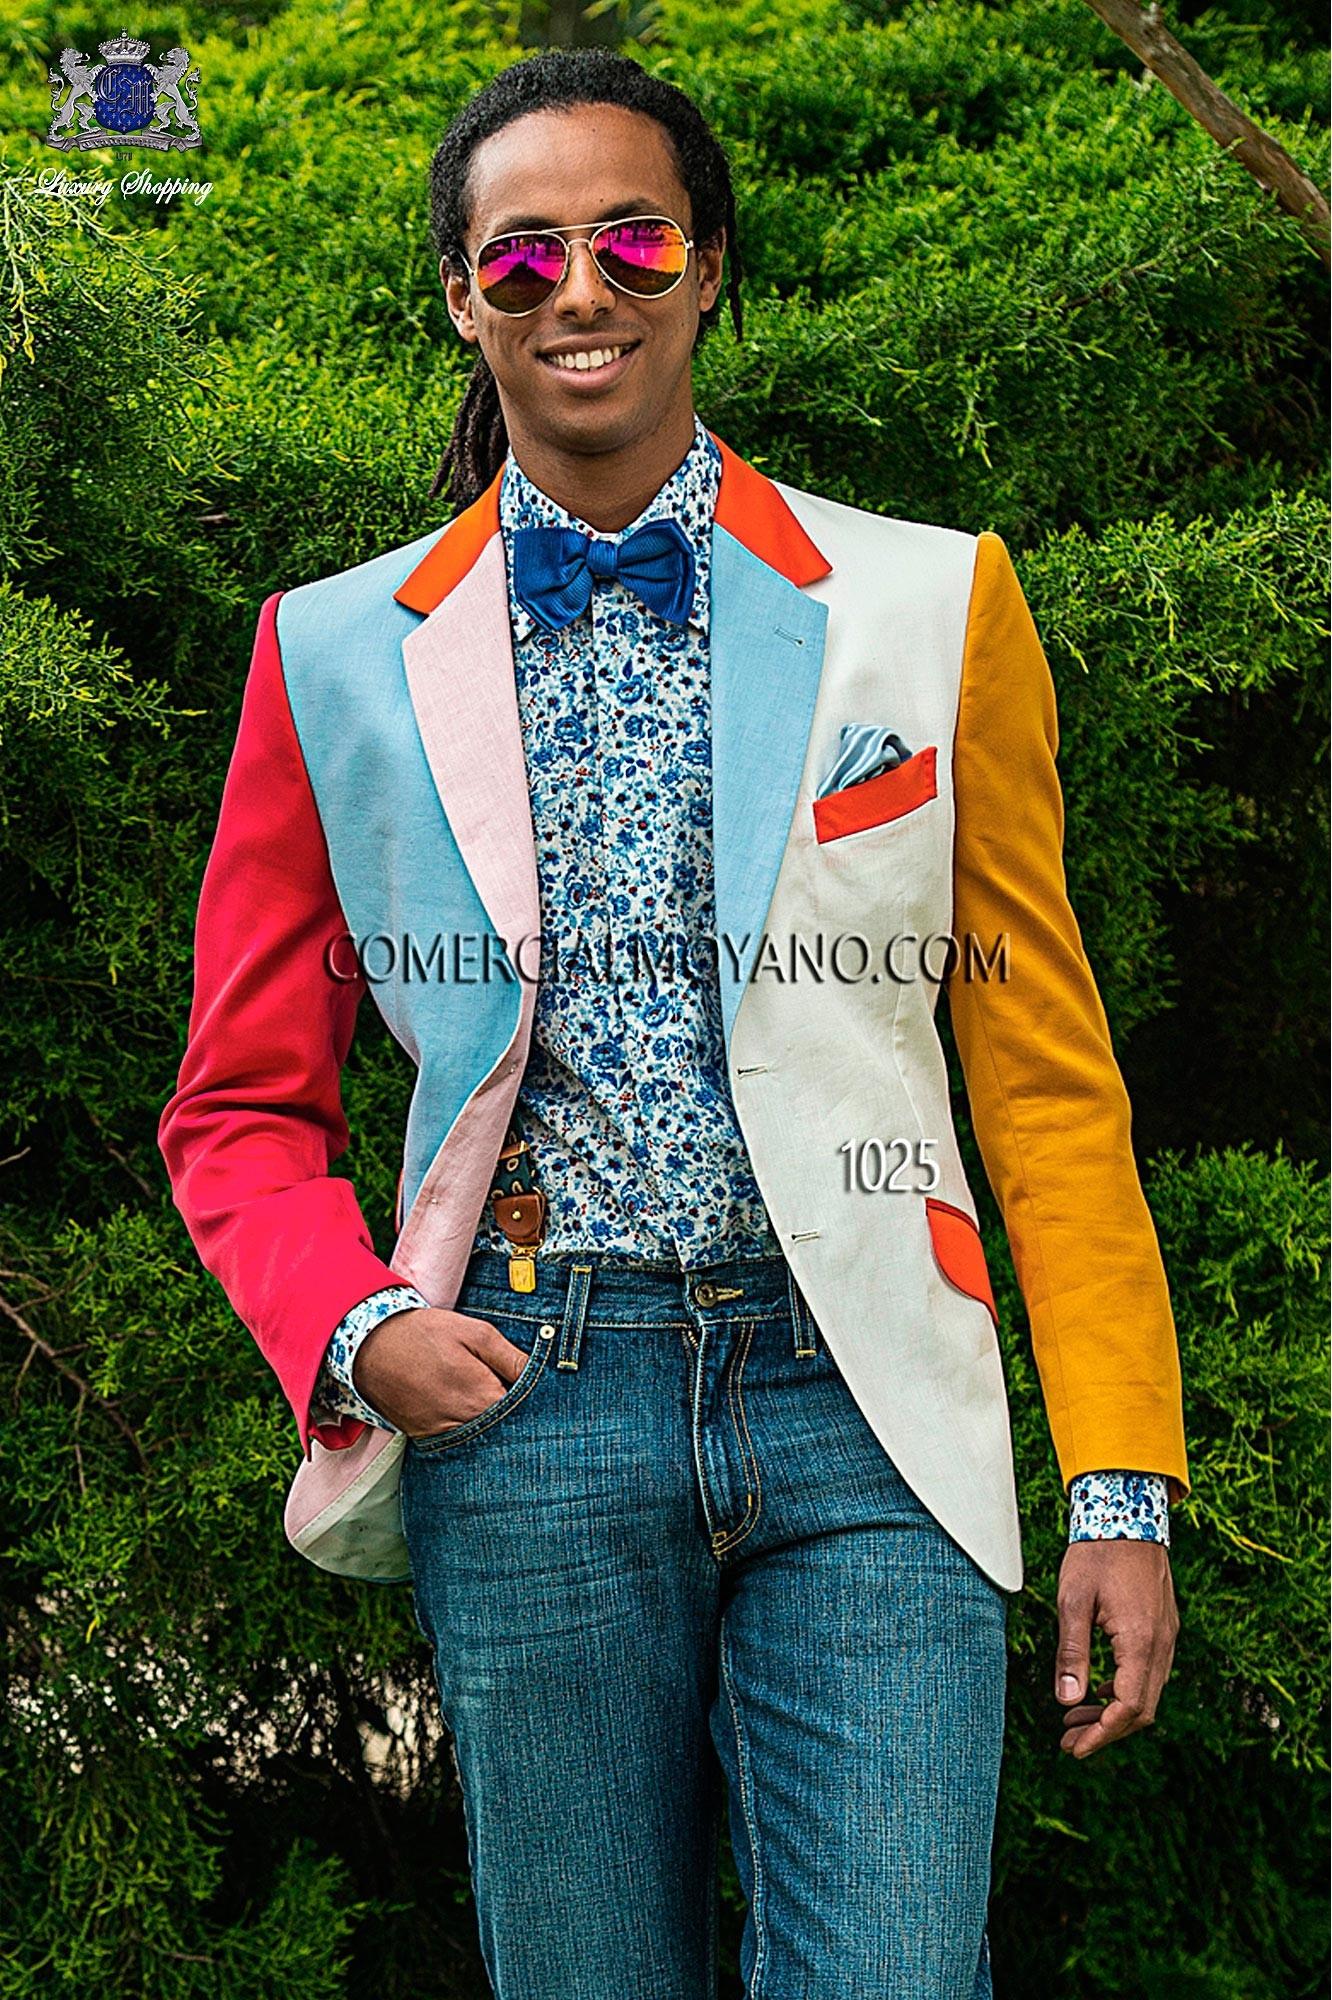 Traje Hipster de novio celeste/blanco modelo: 1025 Ottavio Nuccio Gala colección Hipster